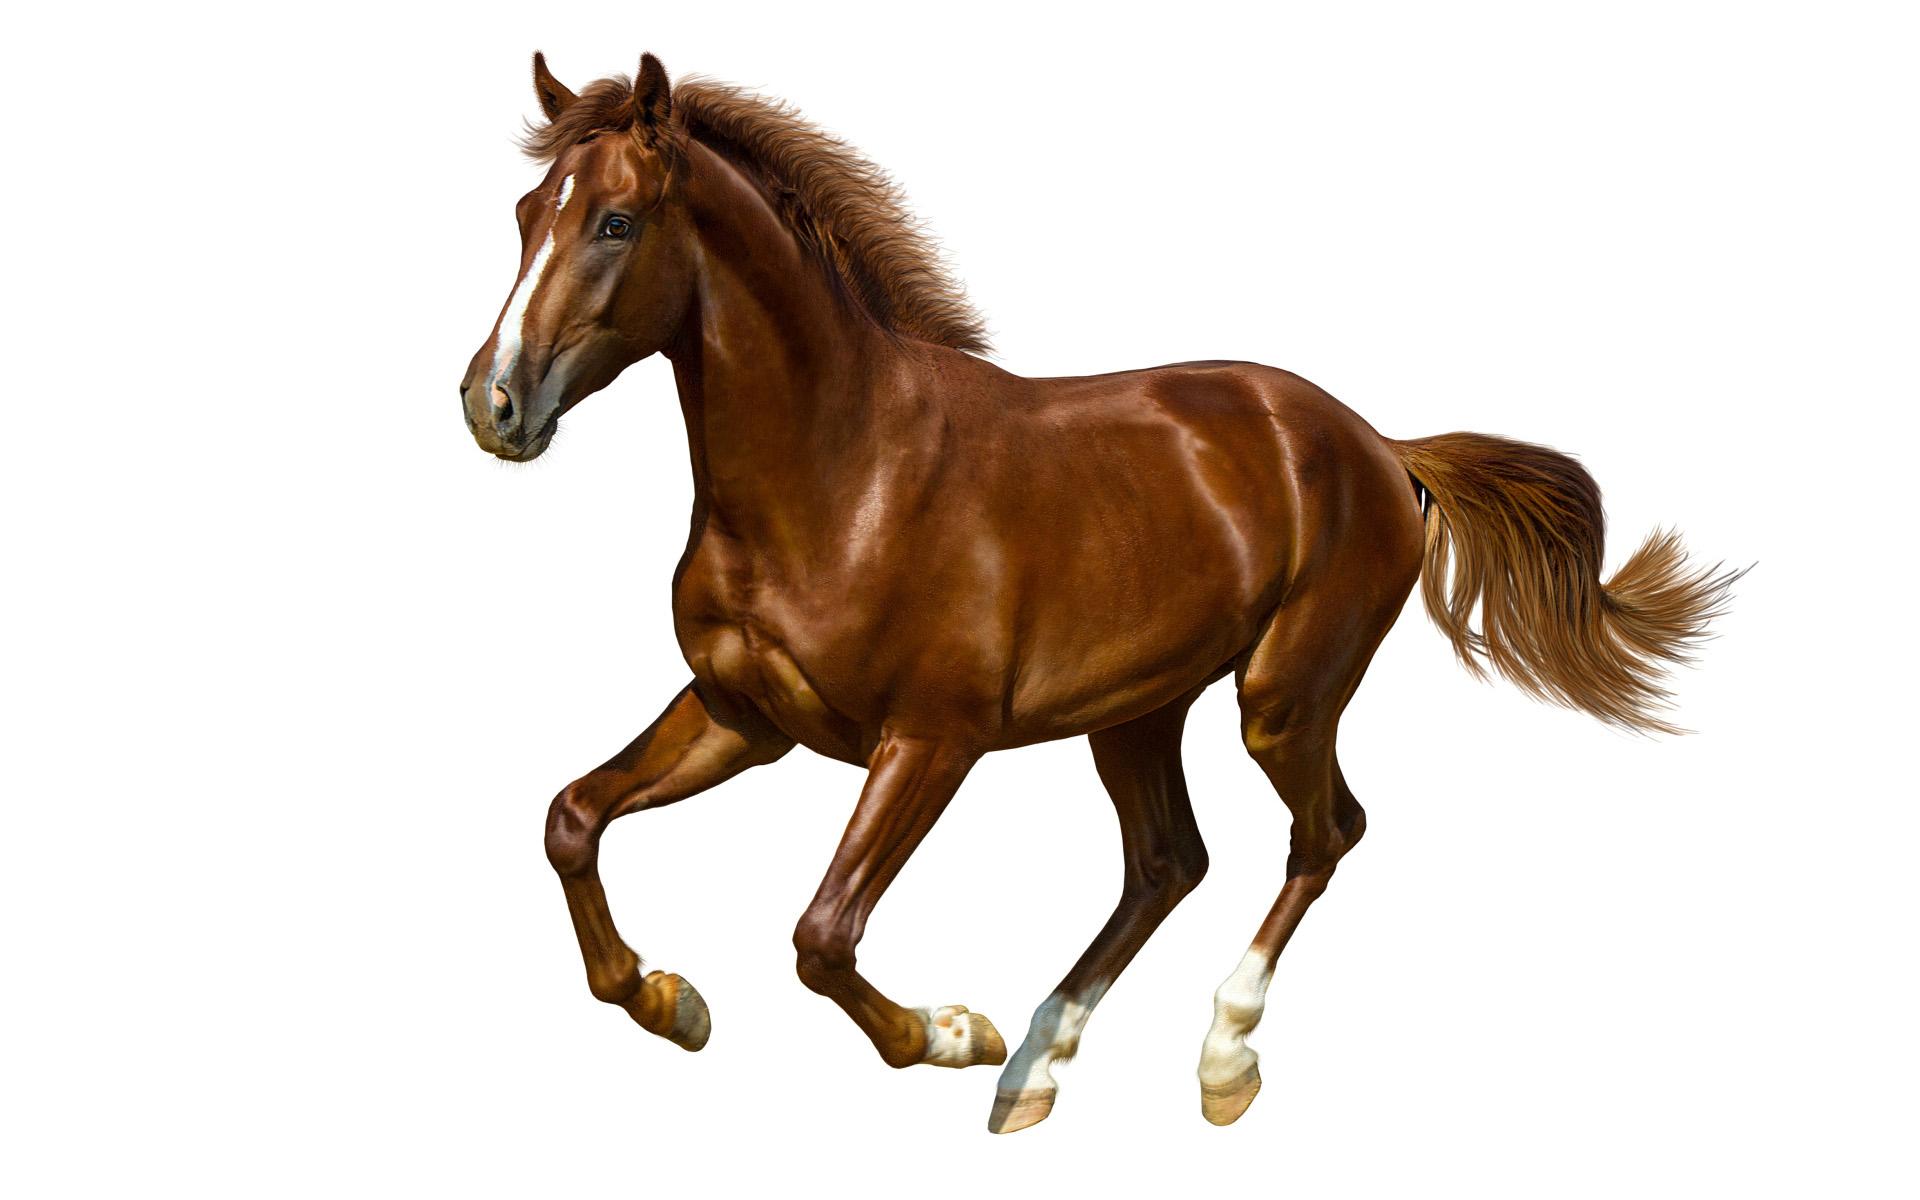 Лошади, коричневый конь на белом фоне